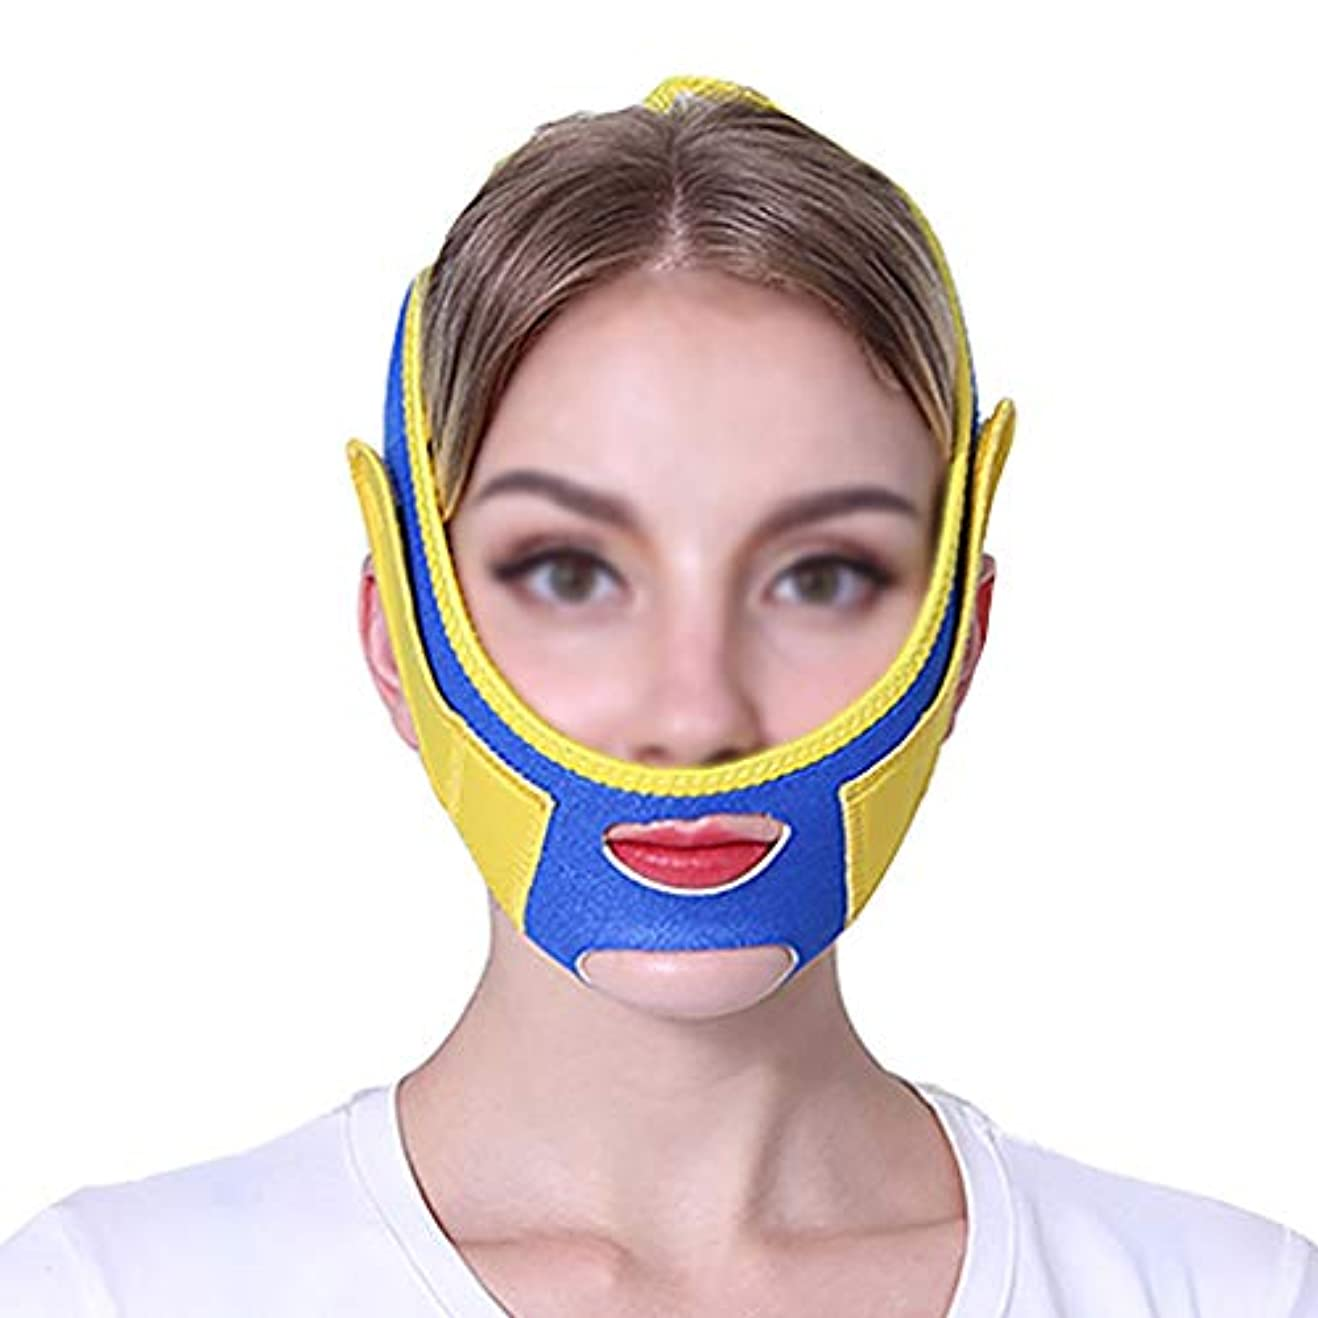 近く代理人管理しますTLMY ファーミングマスクスモールvフェイスアーティファクトリフティングマスクフェイスリフティングフェイスリフティングマスクファーミングクリームフェイシャルリフティング包帯 顔用整形マスク